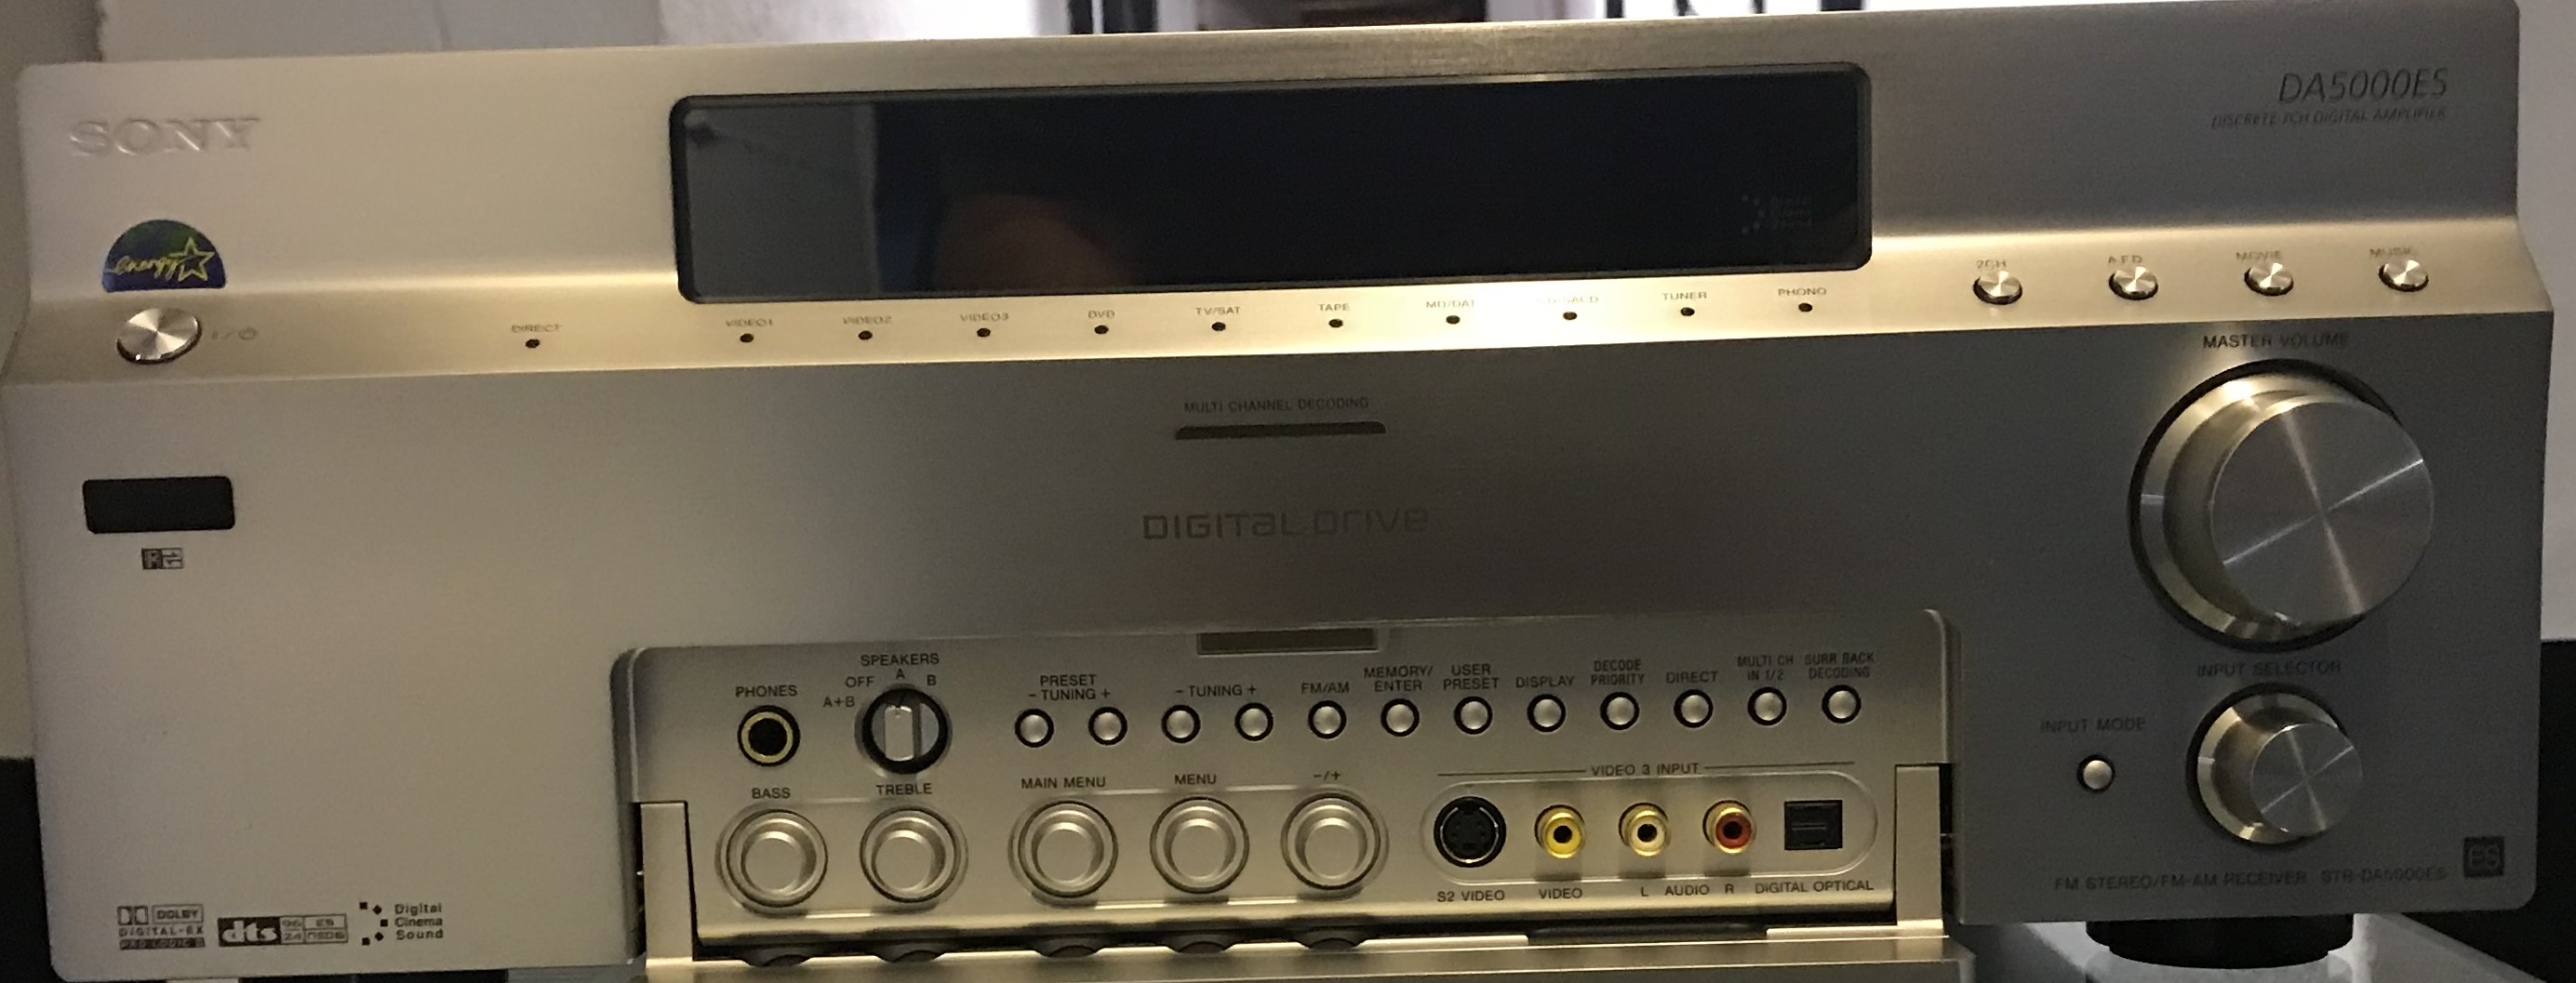 Sony_Tuner_Amp_DA_5000_ES_abierto.jpg